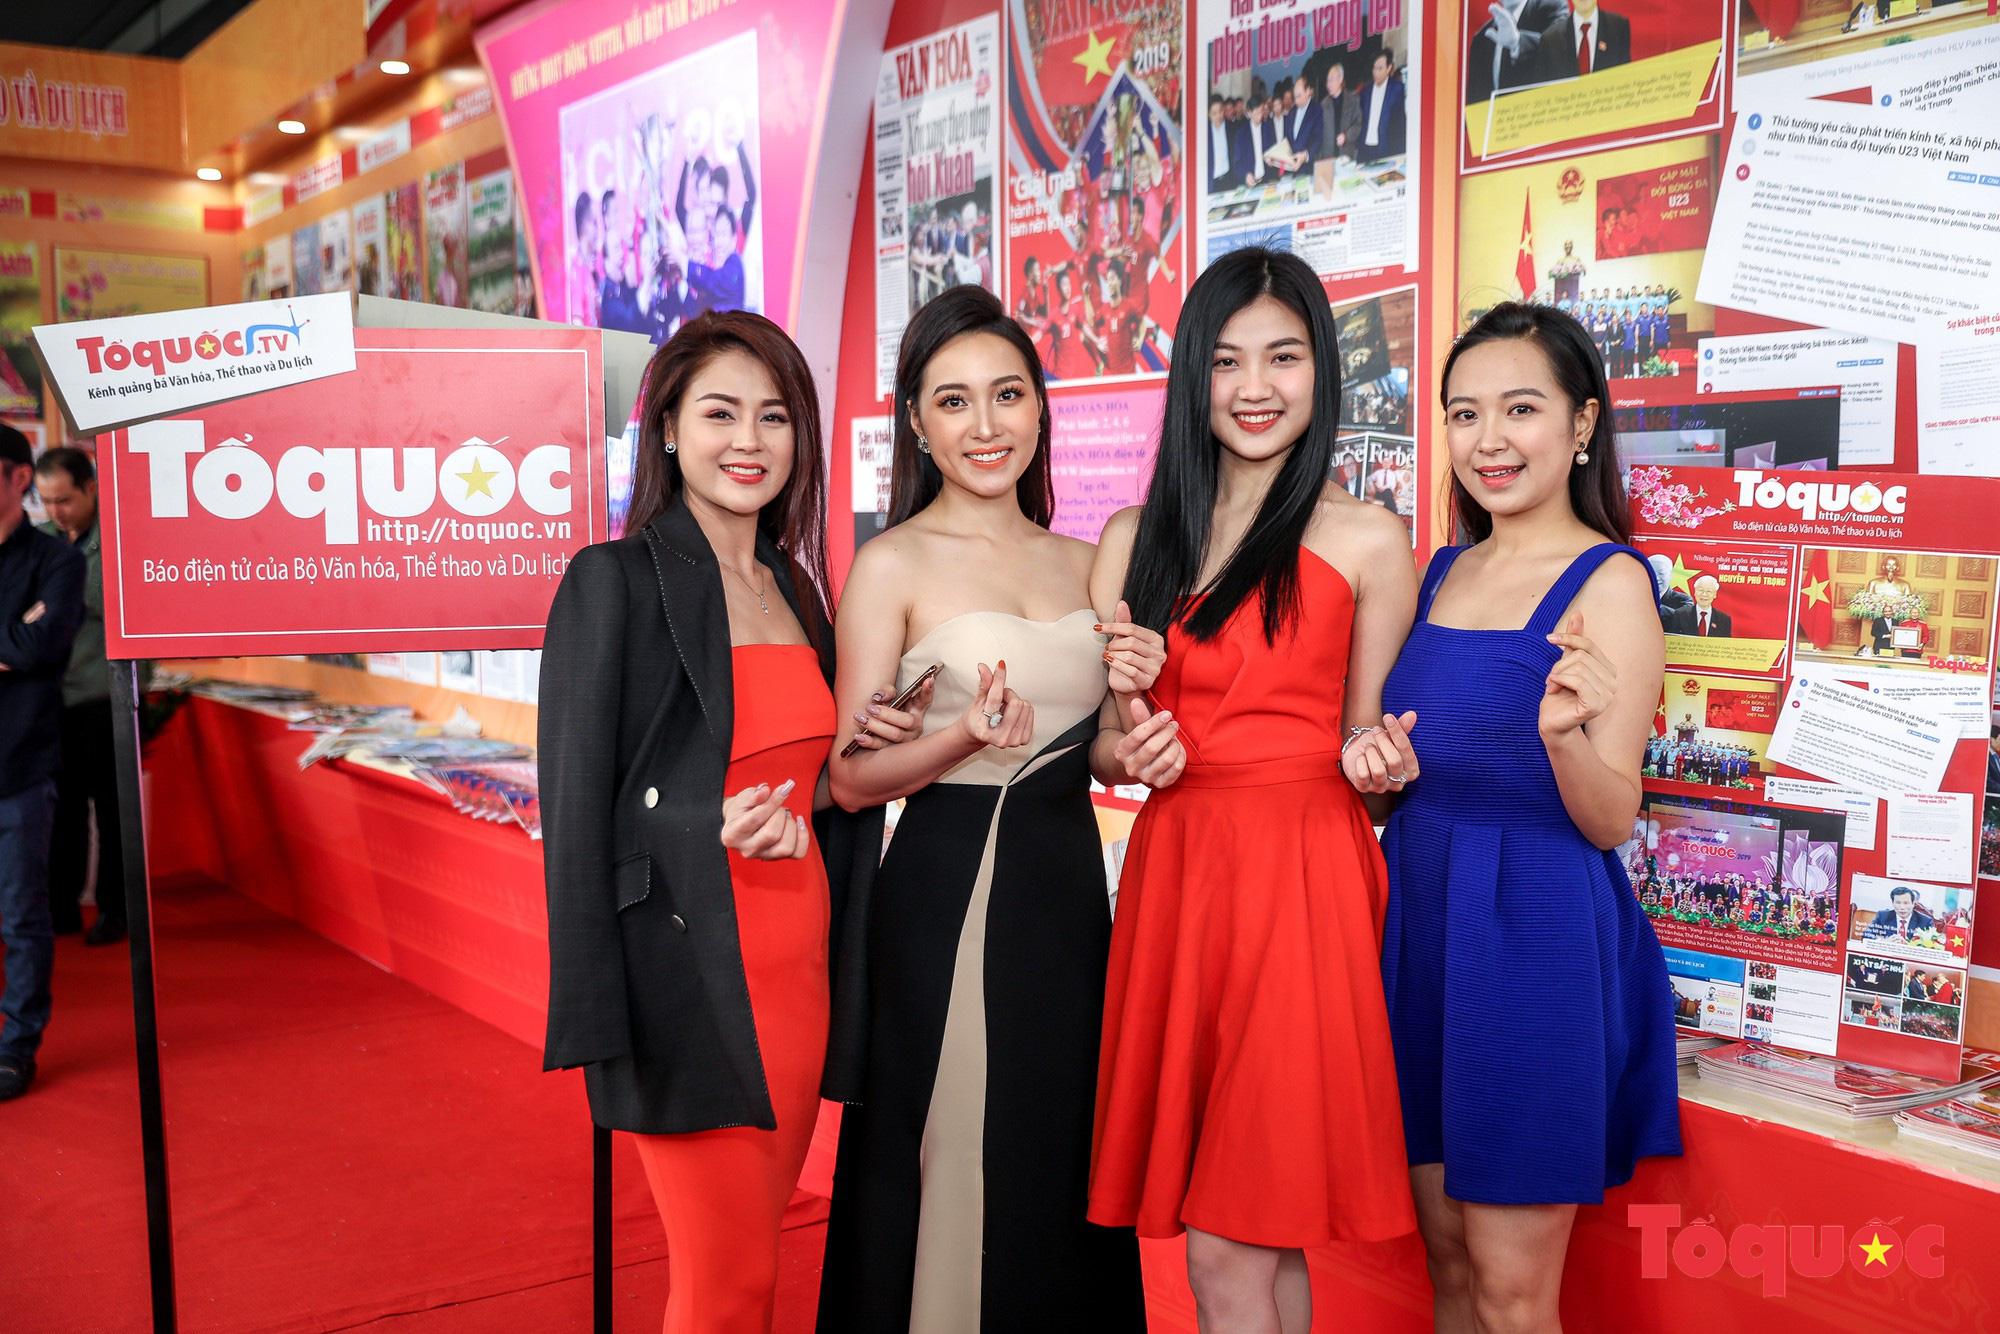 Ngắm nhìn Những cô gái trong thành phố nổi bật giữa Hội báo toàn quốc 2019 - Ảnh 2.